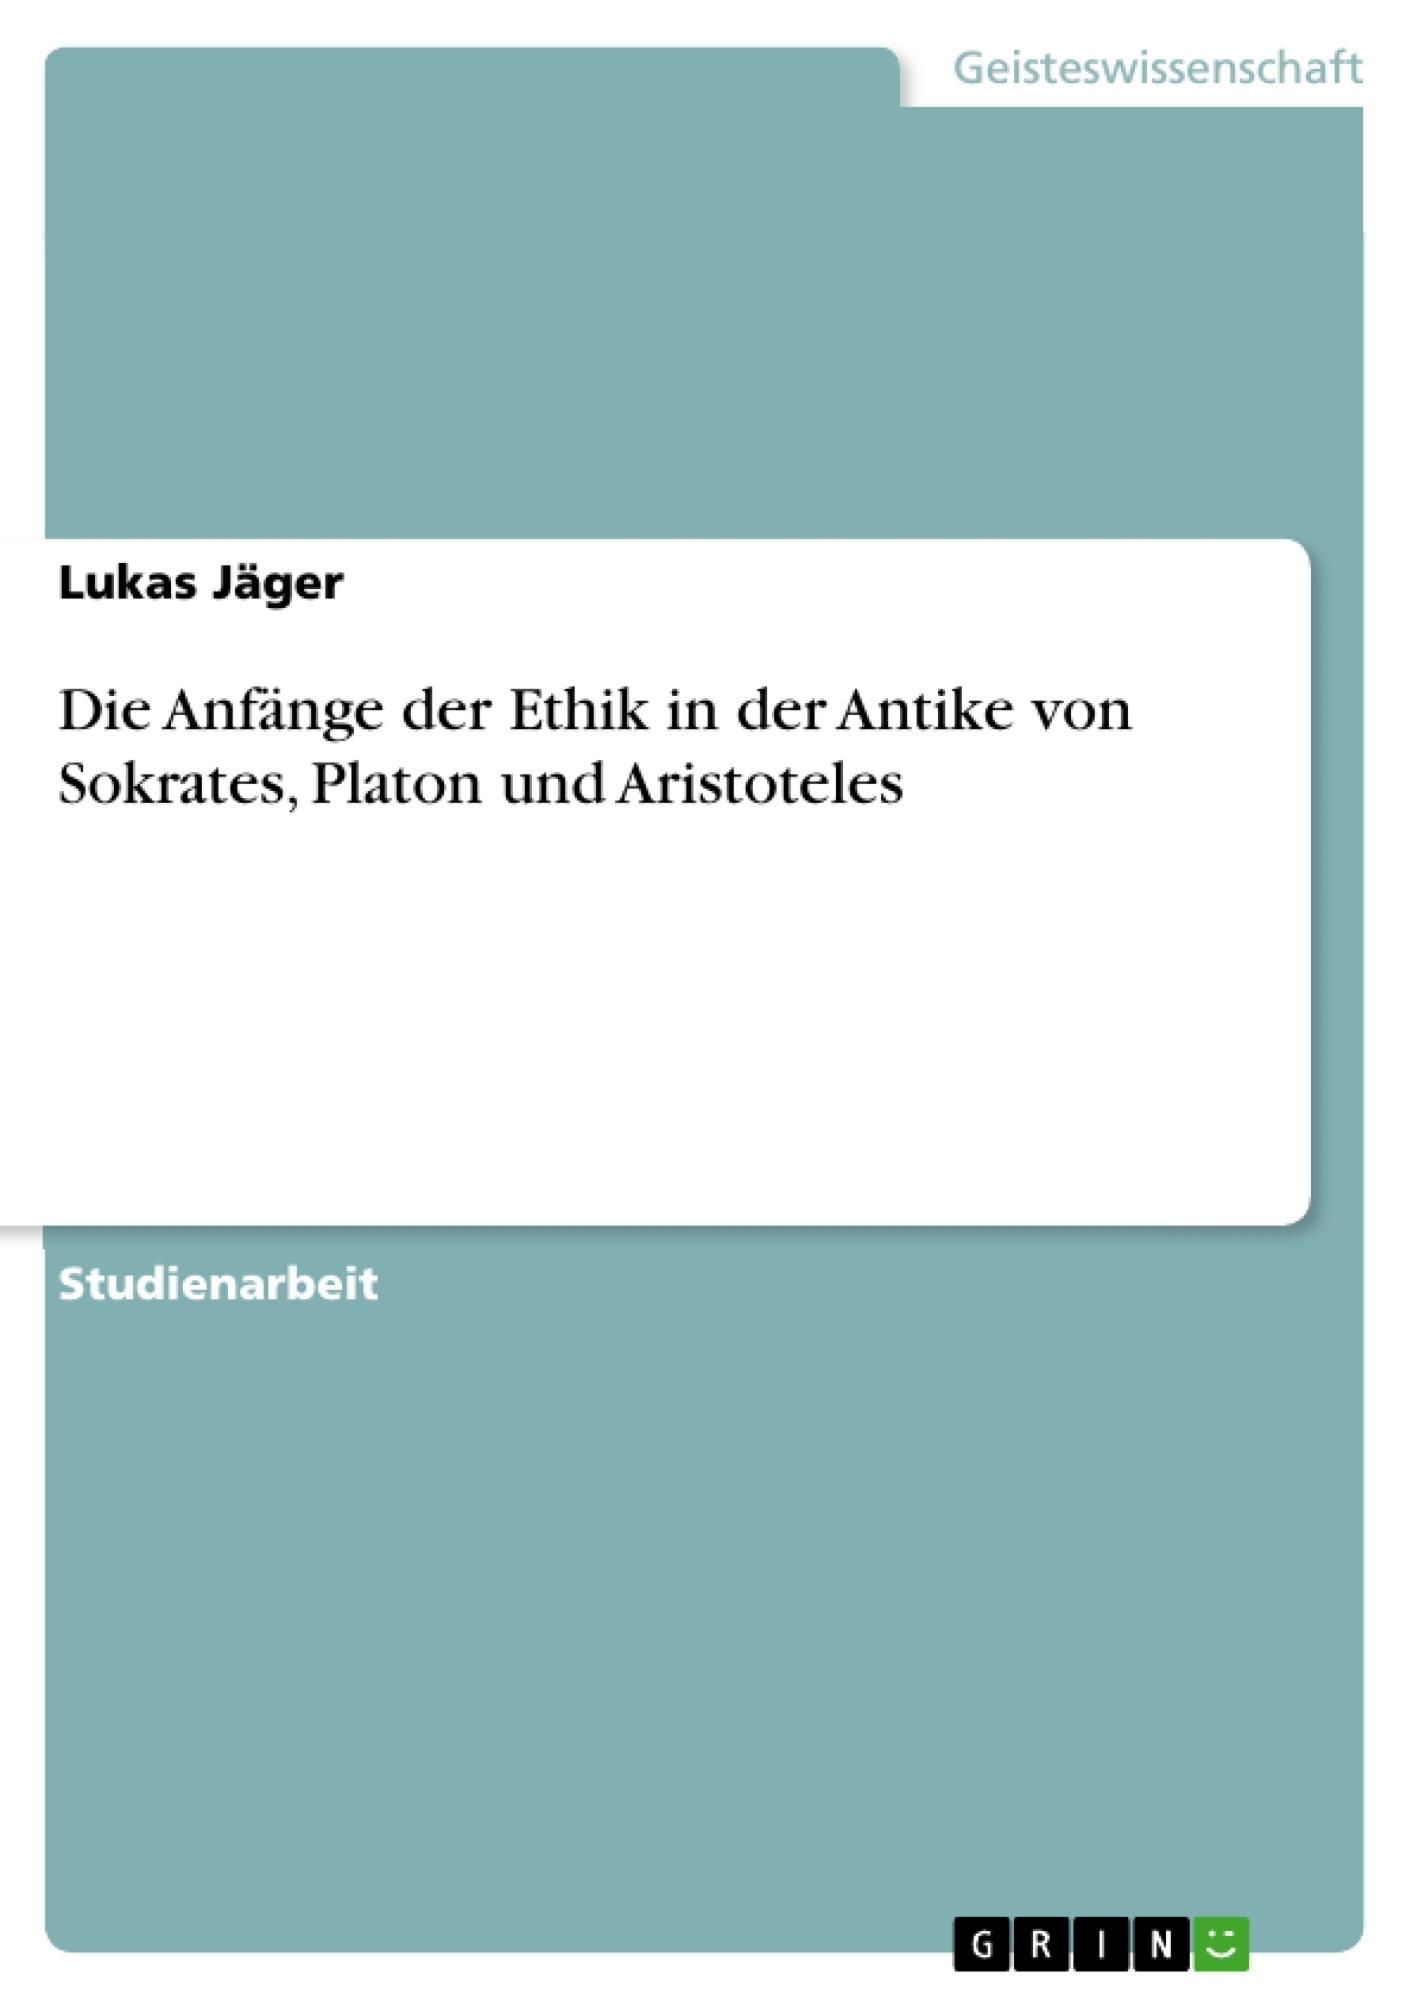 Titel: Die Anfänge der Ethik in der Antike von Sokrates, Platon und Aristoteles